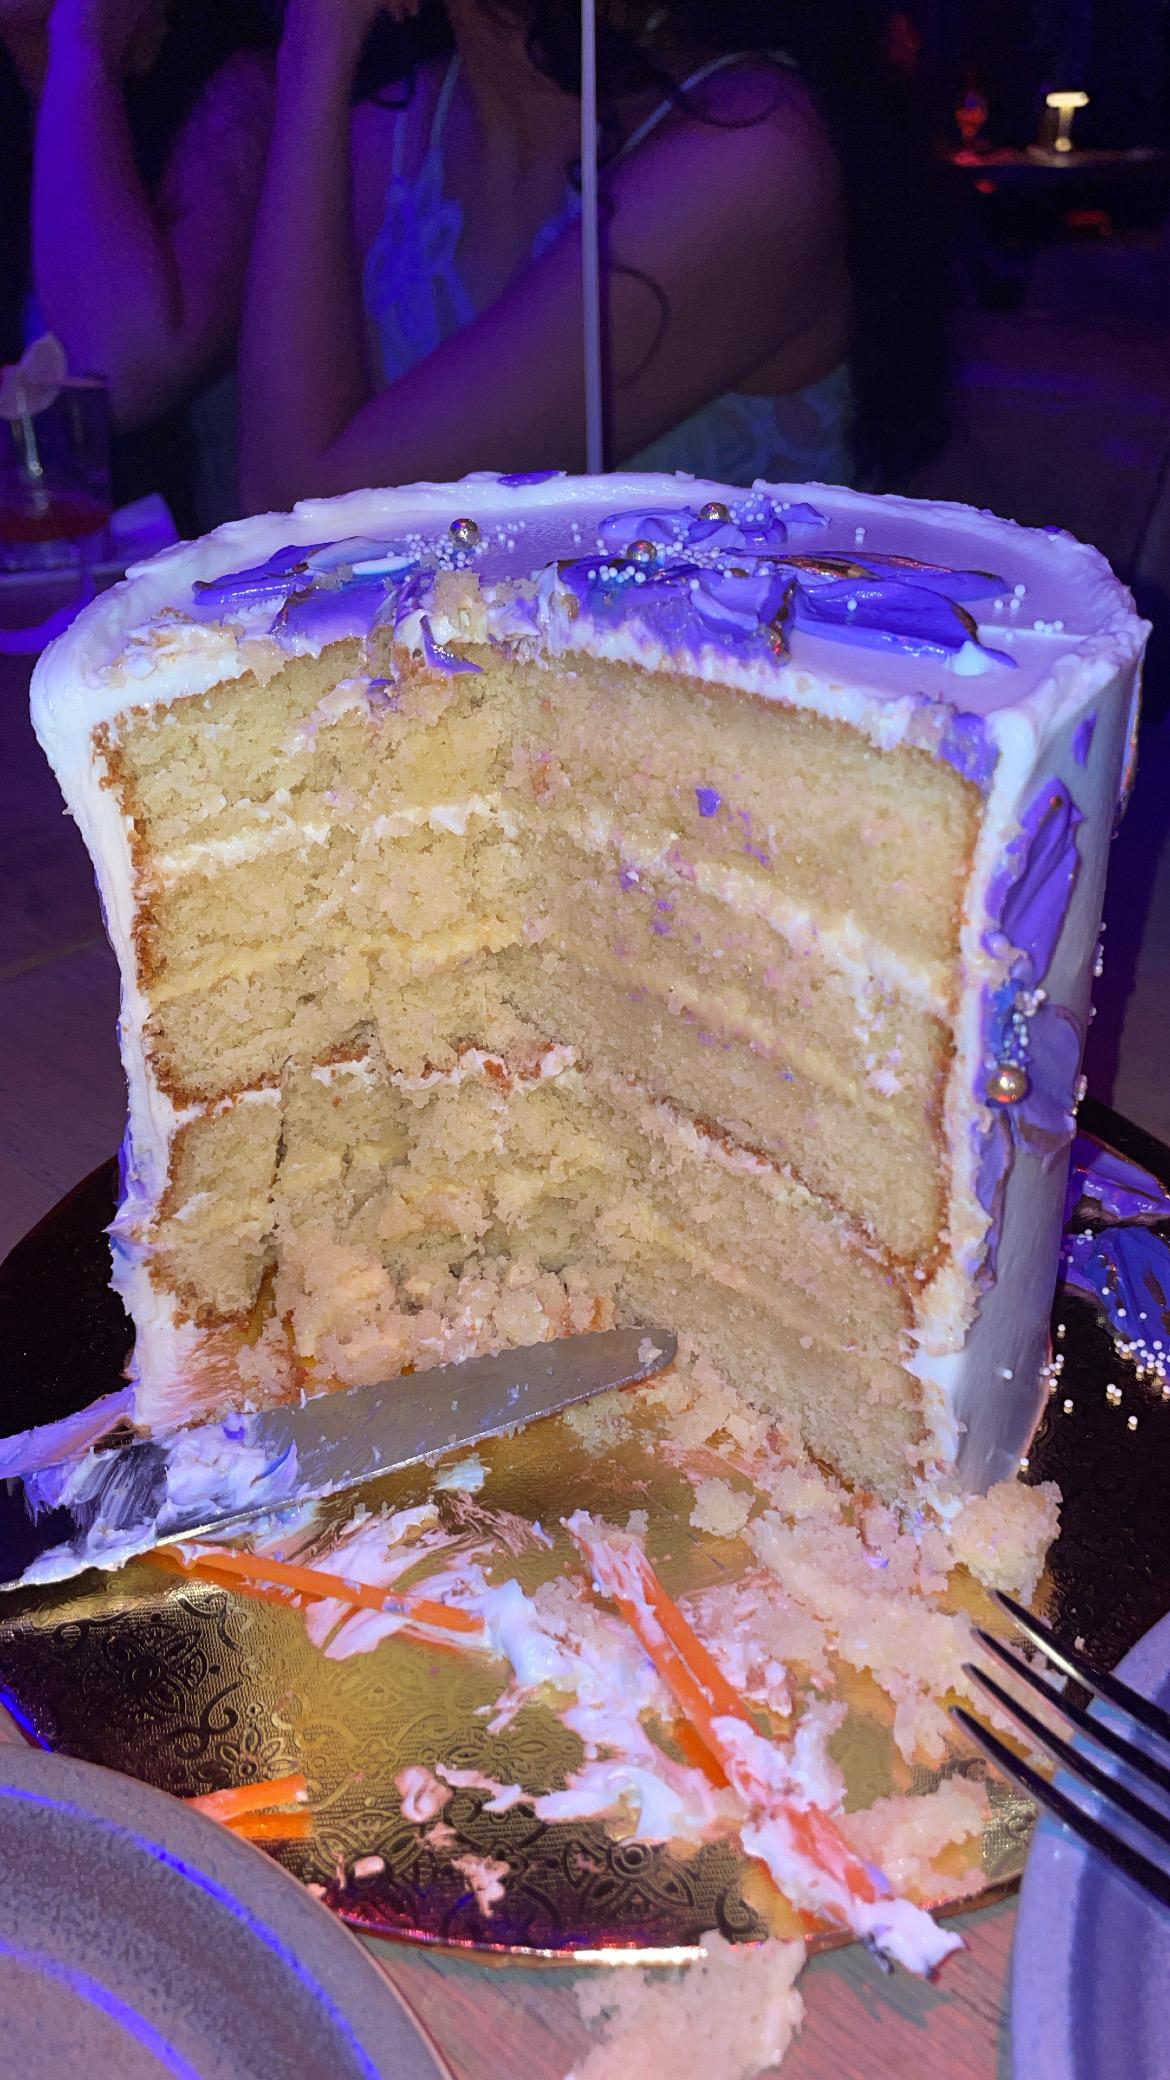 purple floral cake passionfruit and dulce de leche filling